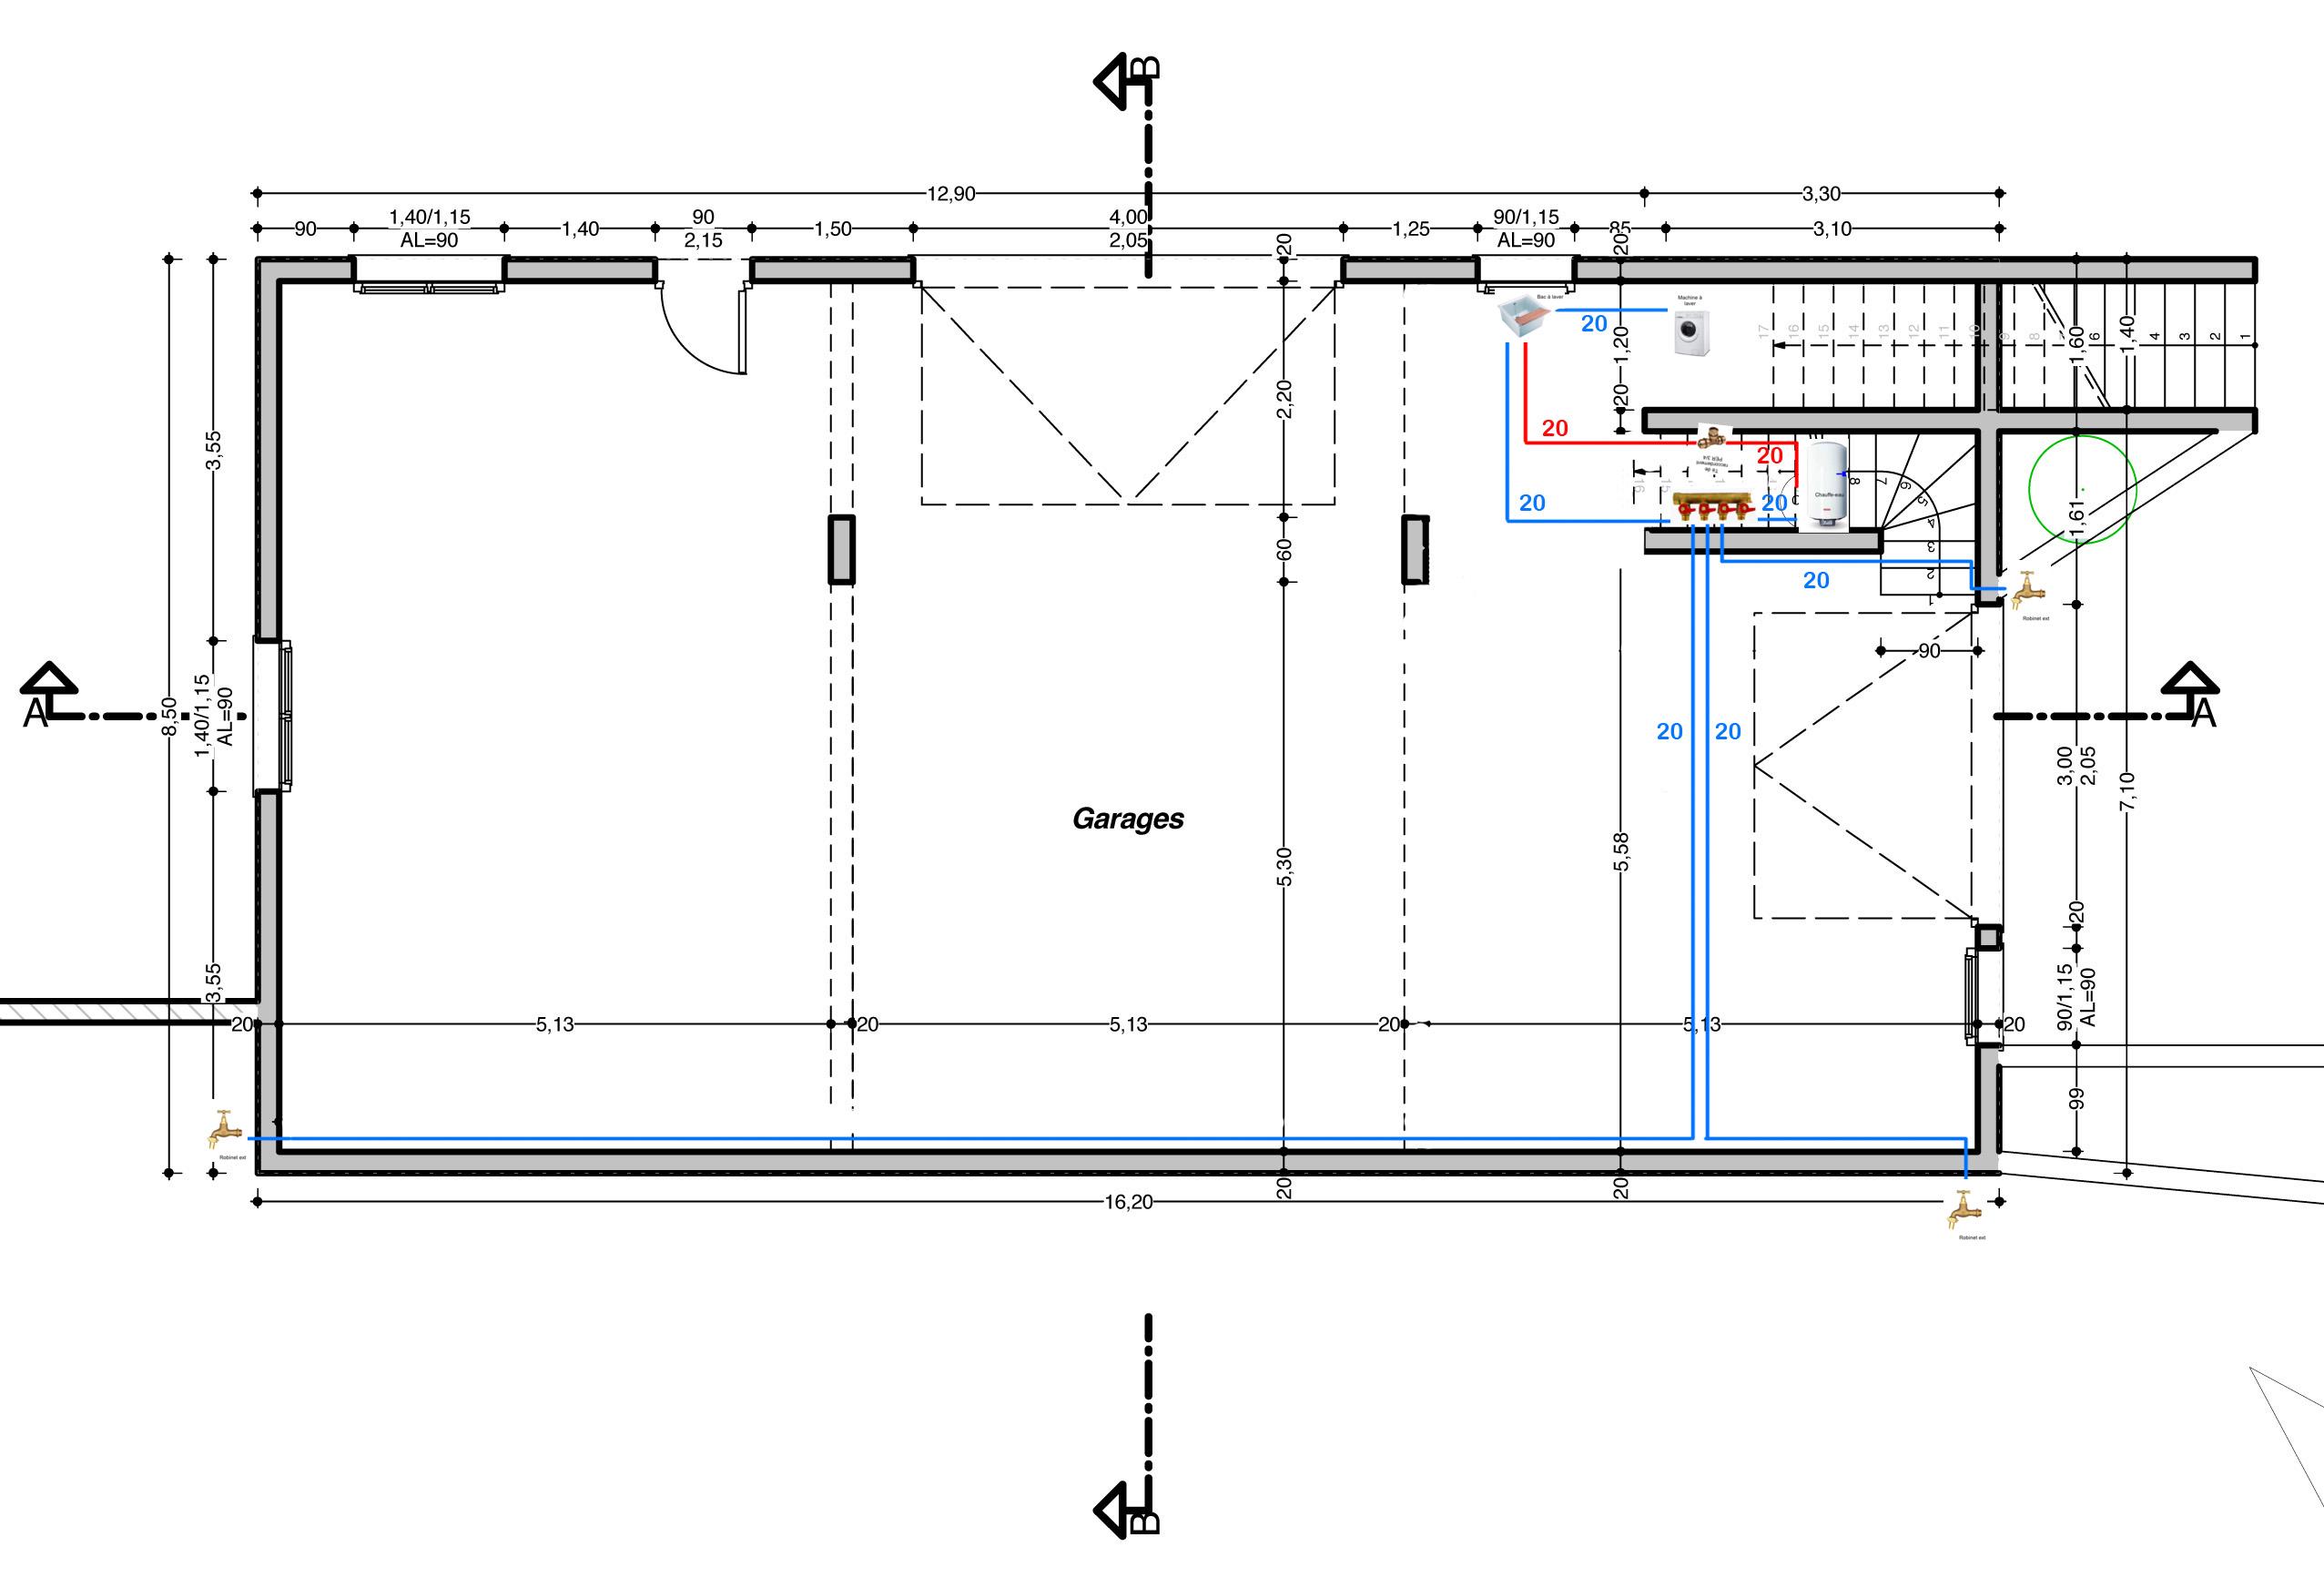 RDC - Plan alim eau.jpg, 288.48 kb, 2553 x 1744